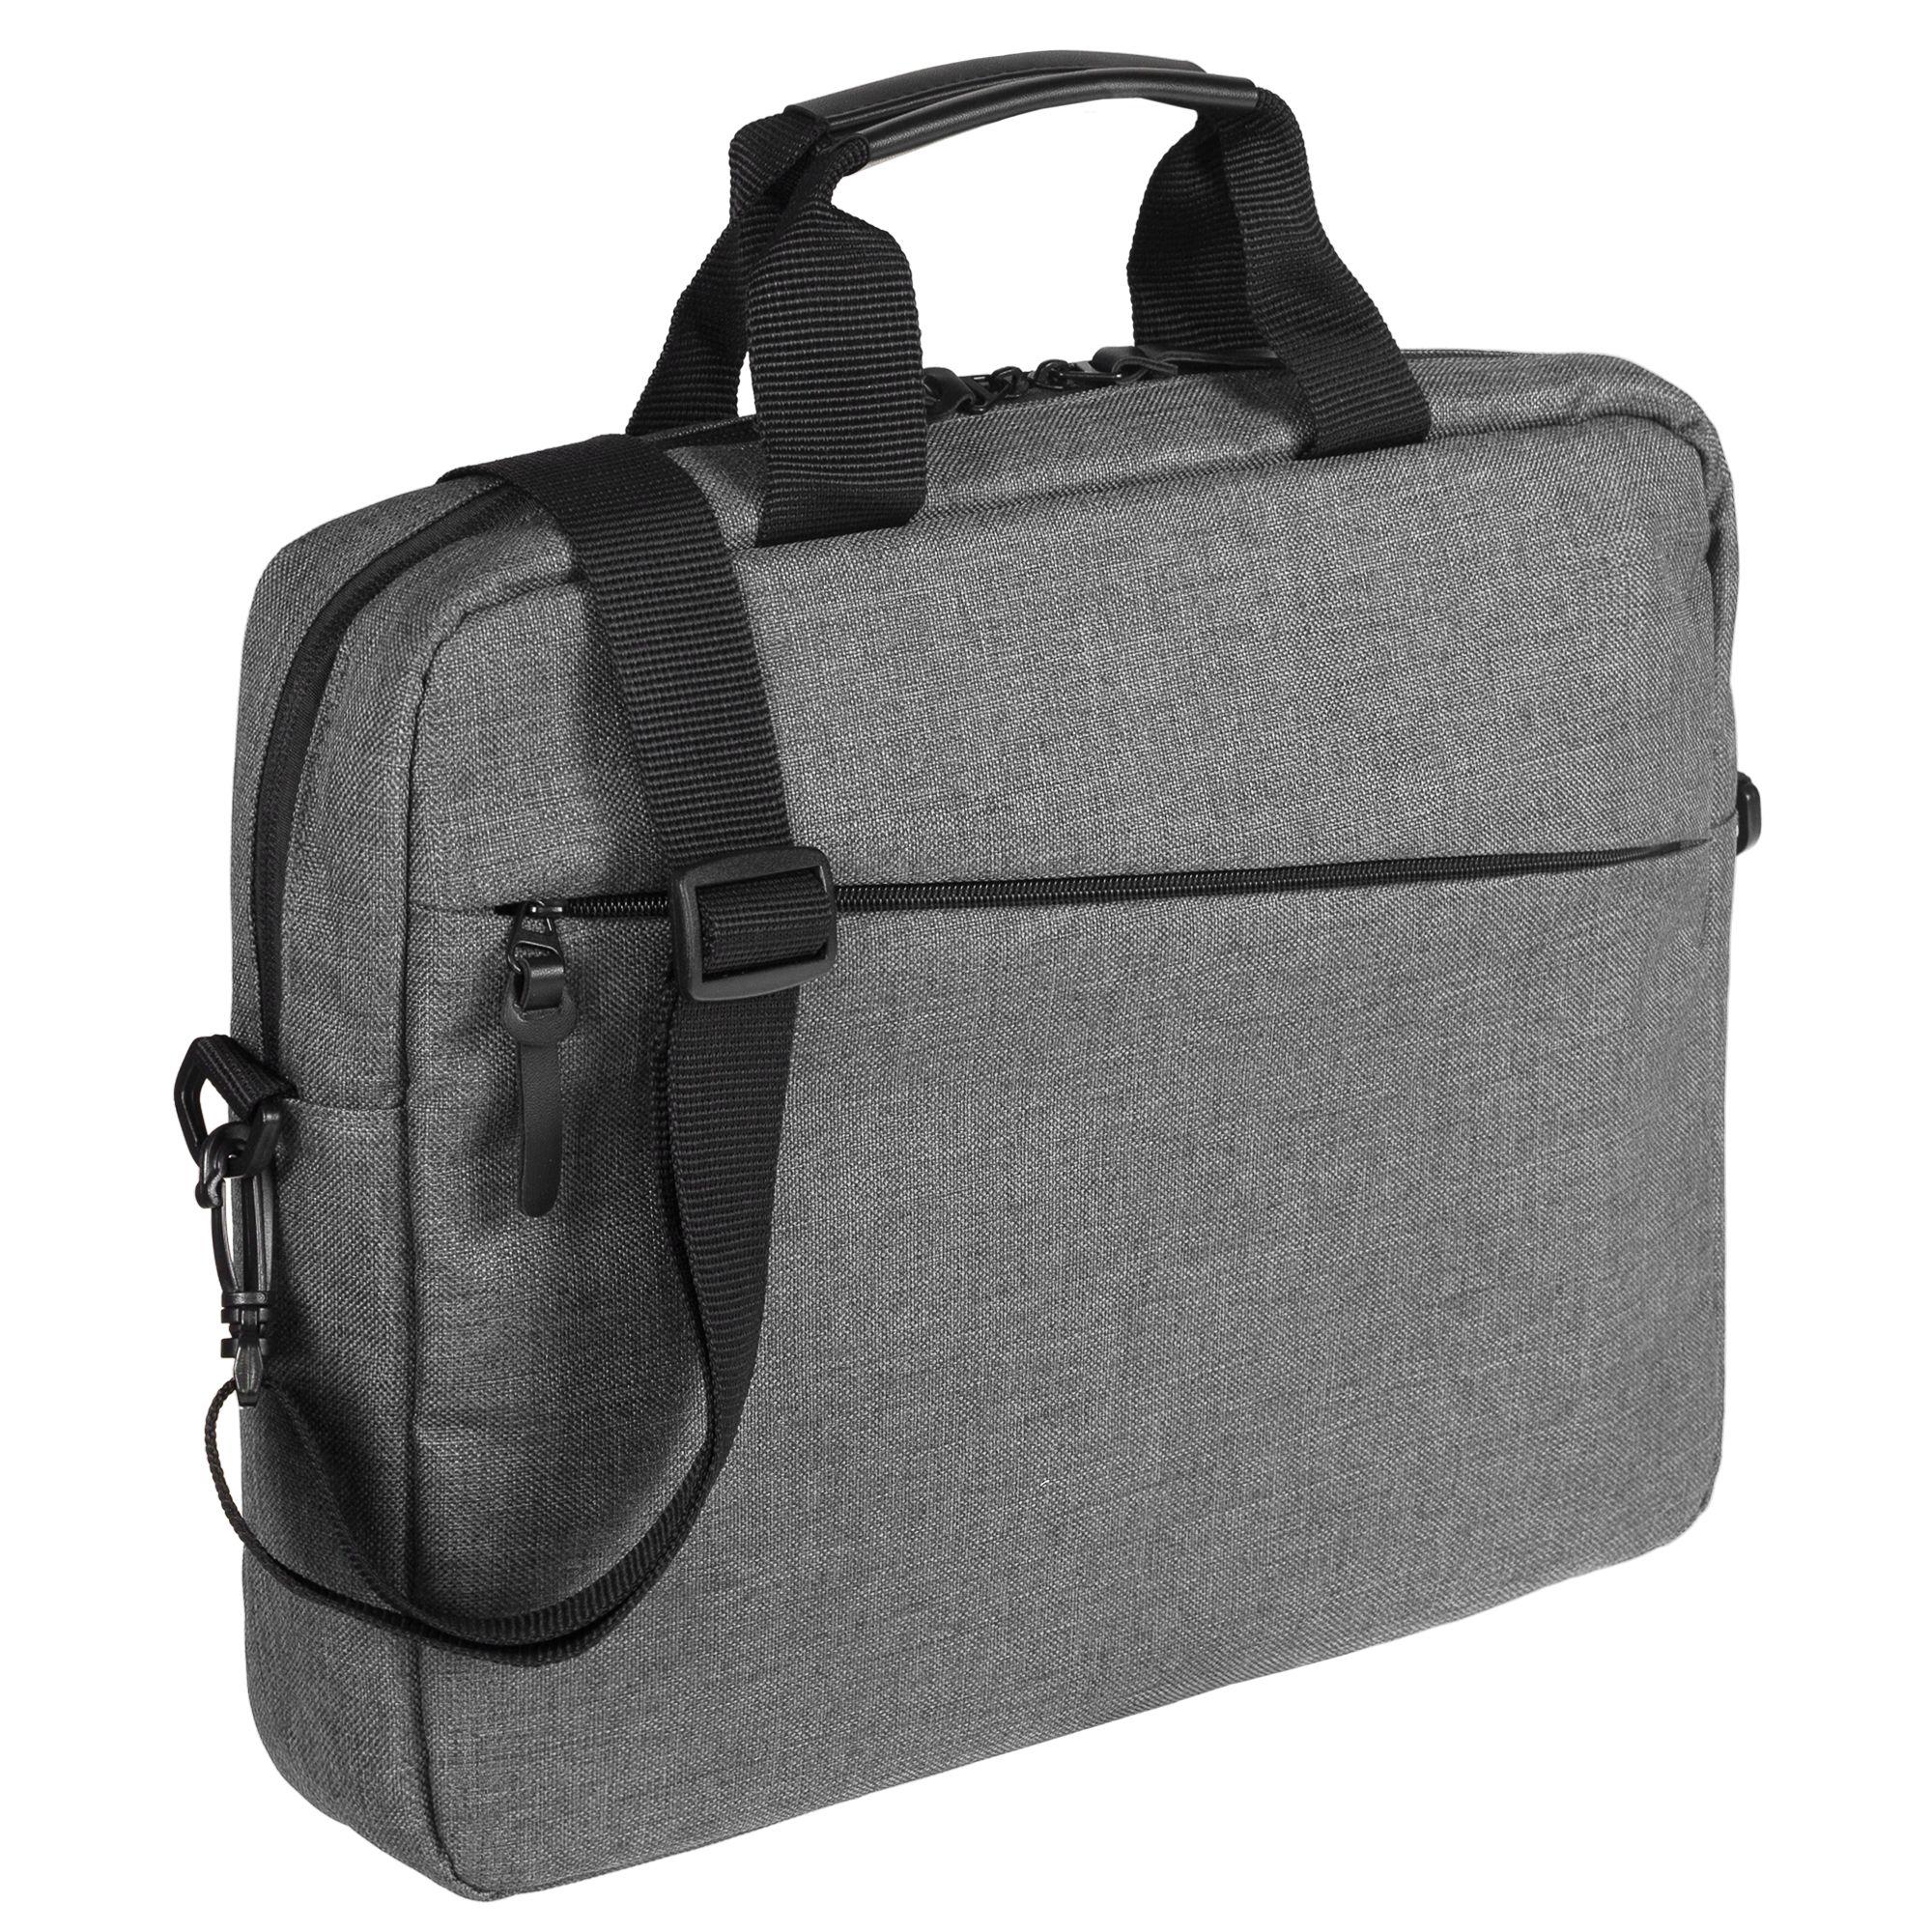 fe04e7788272 Купить сумка для ноутбука burst недорого с логотипом на заказ ...